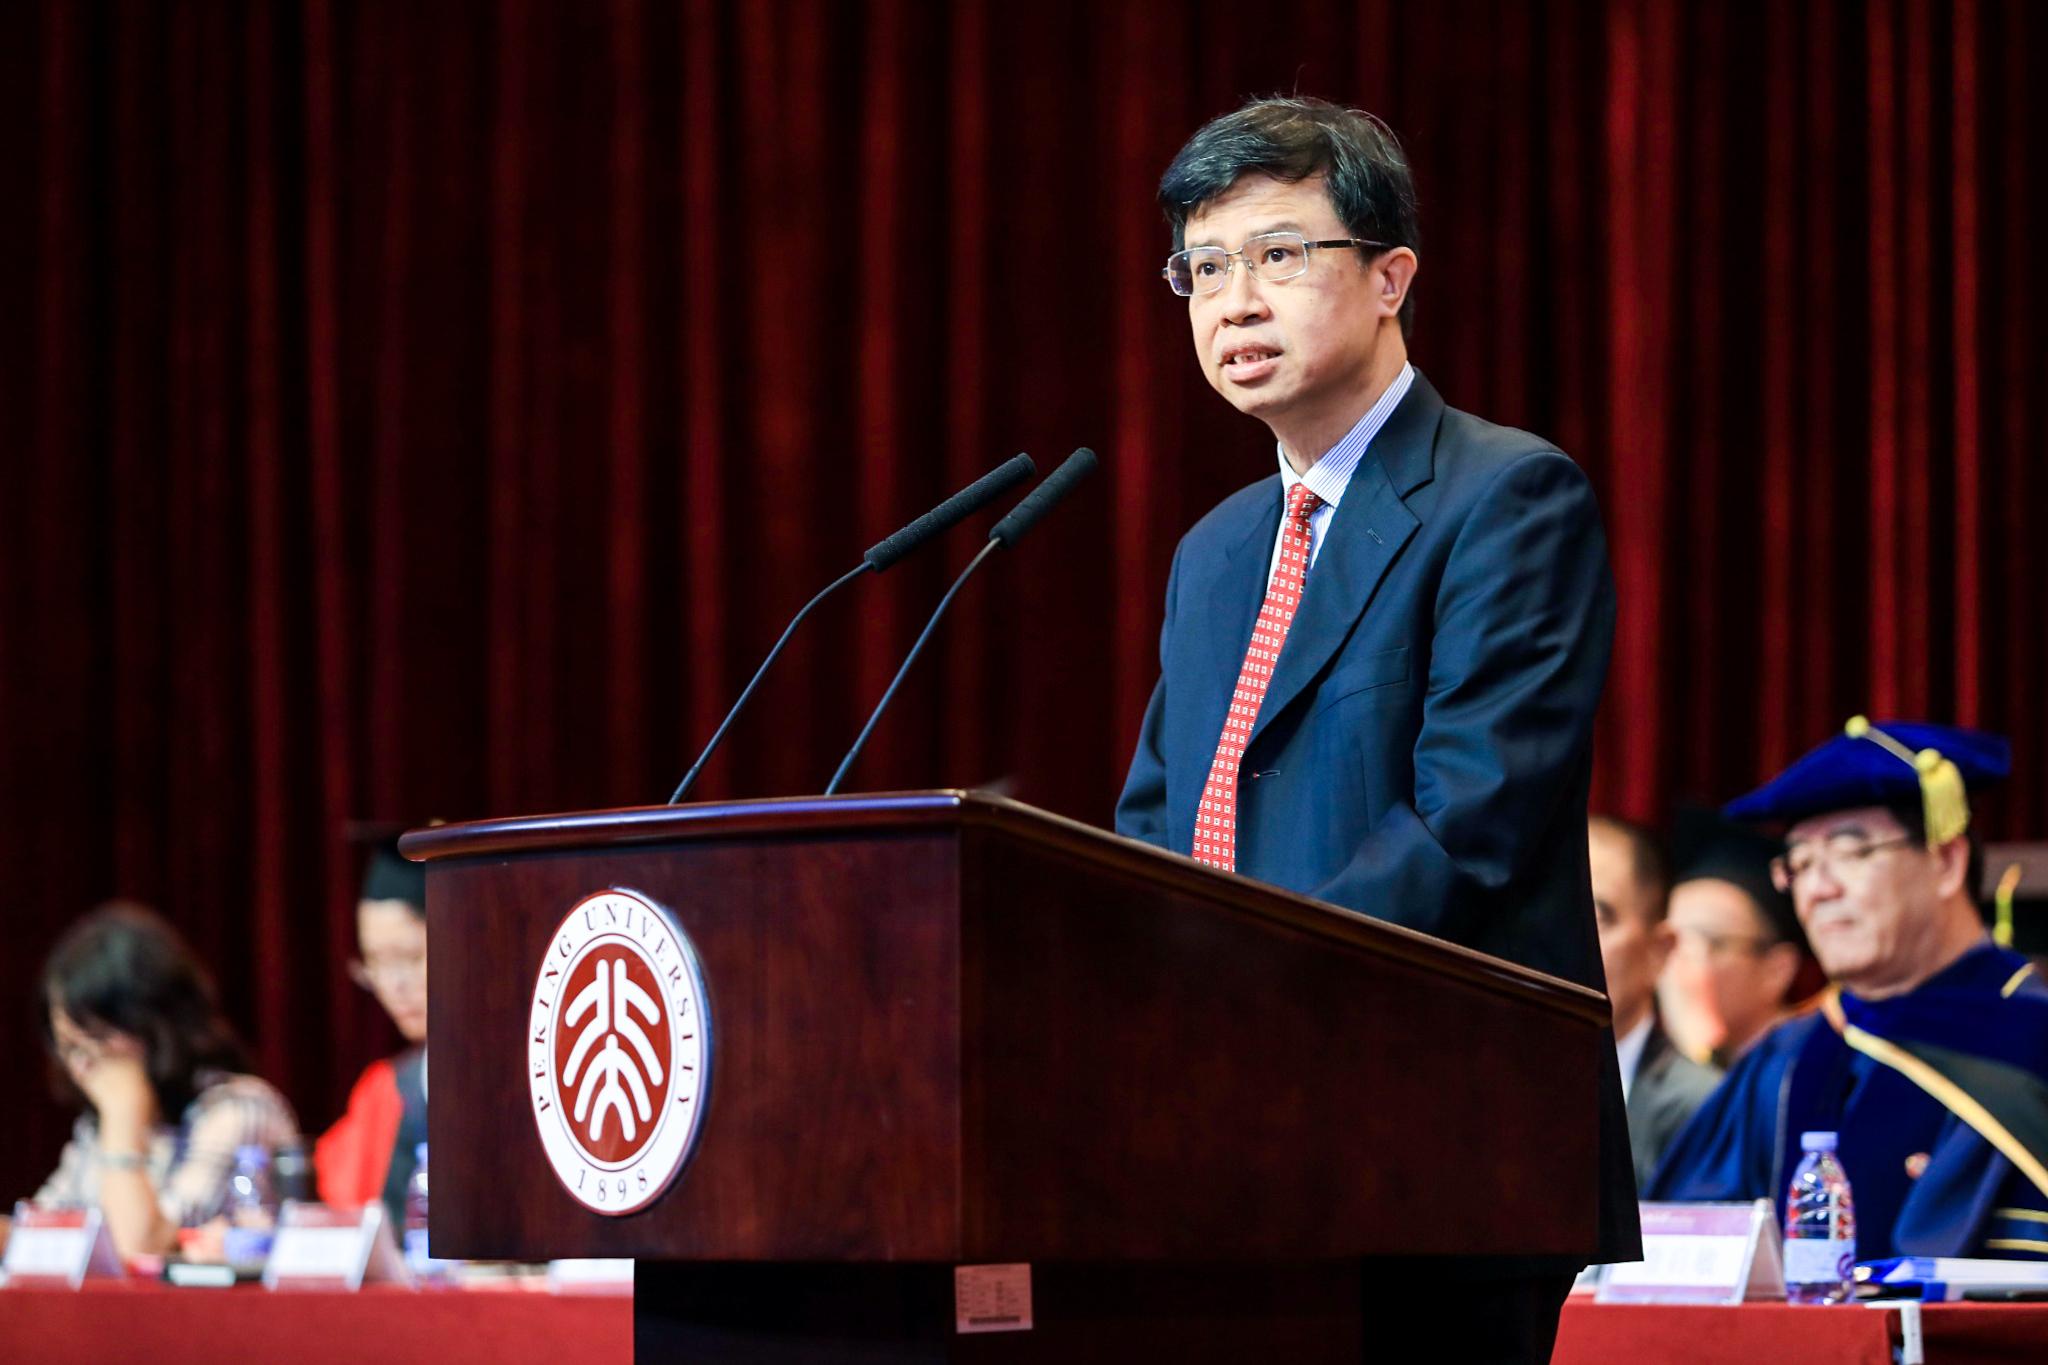 在伟大的新时代,让大家坚守和抓住机遇——优秀校友代表黄剑涛在2019年毕业典礼上的发言